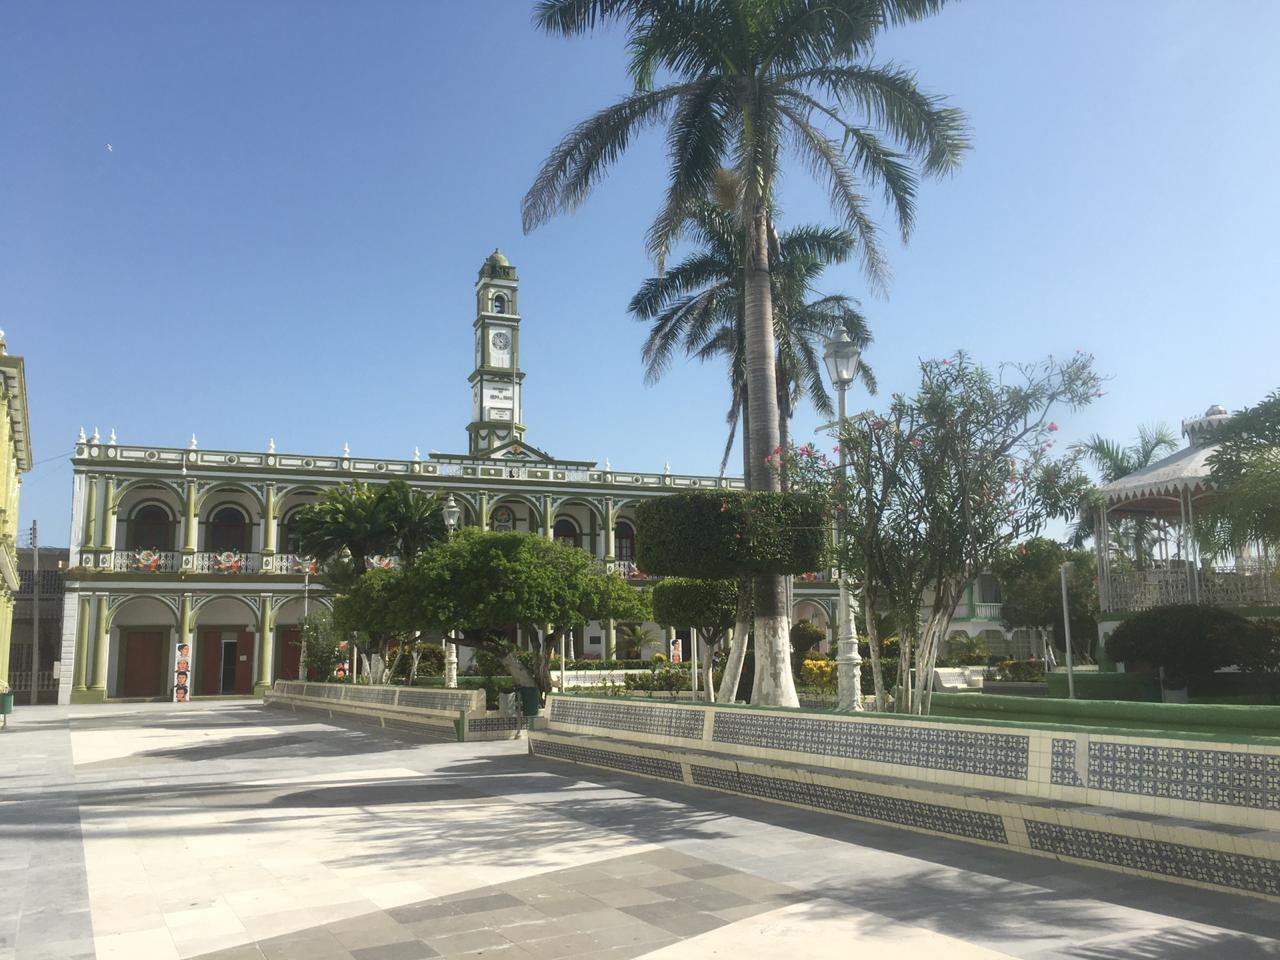 Alvarado, su parque y su palacio municipal